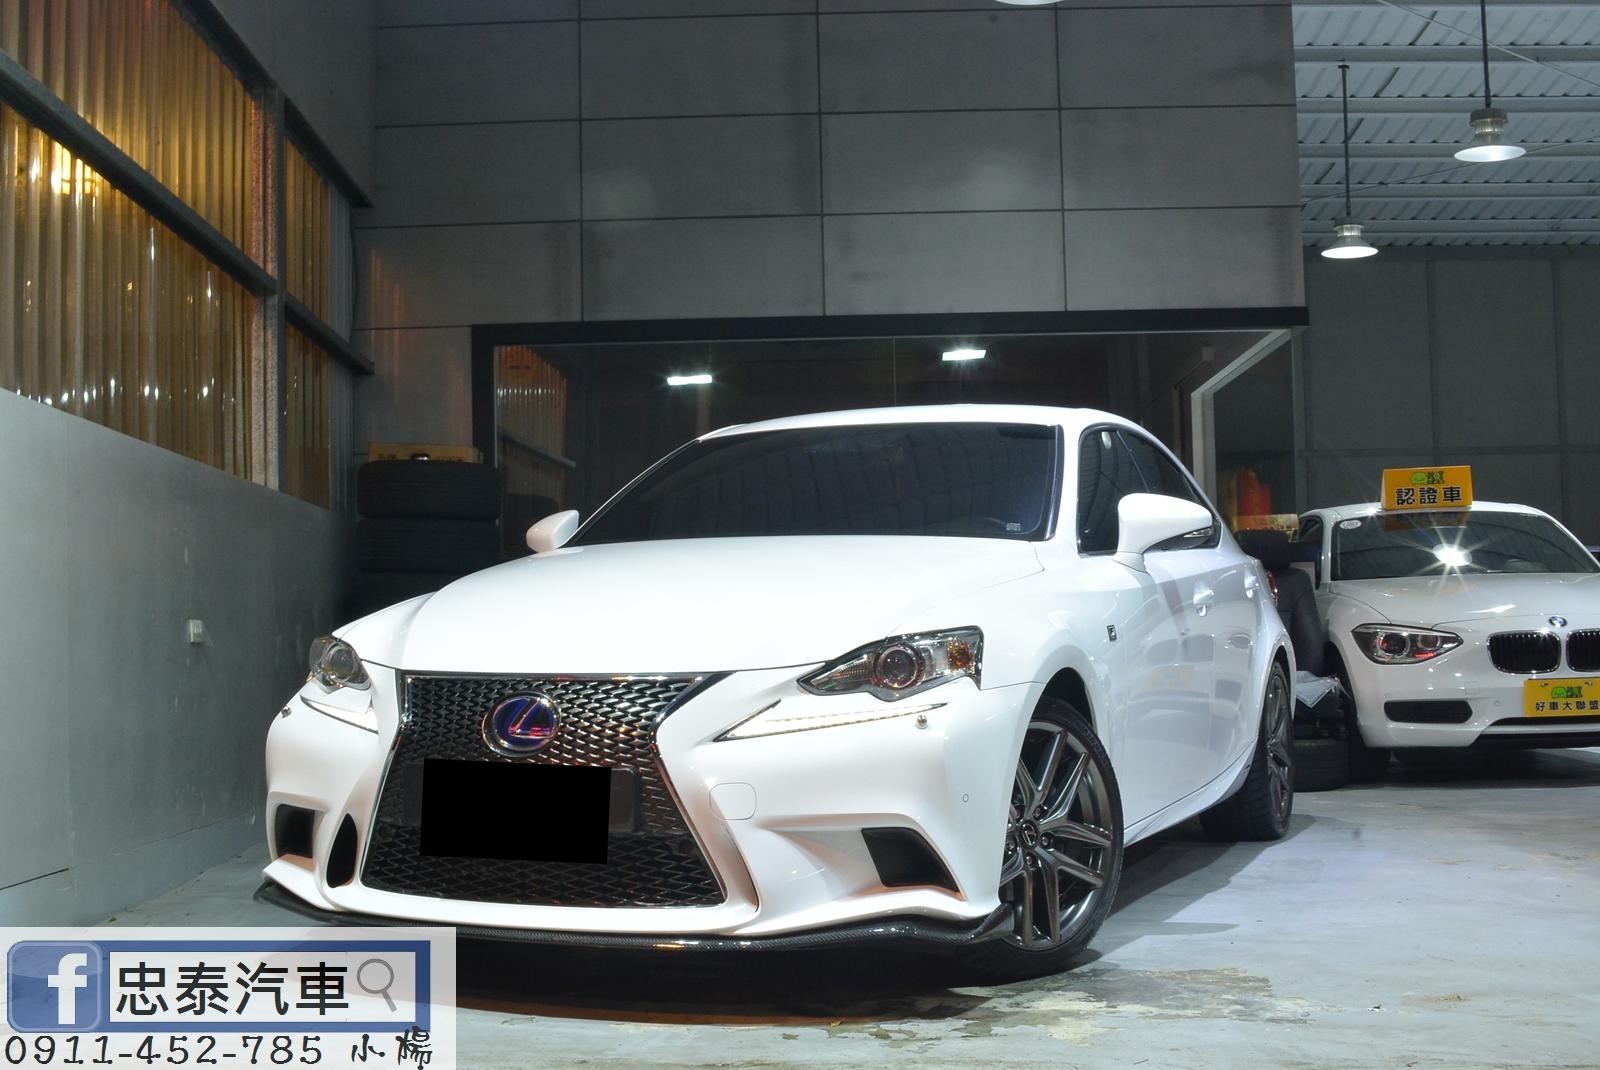 2014 Lexus 凌志 Is